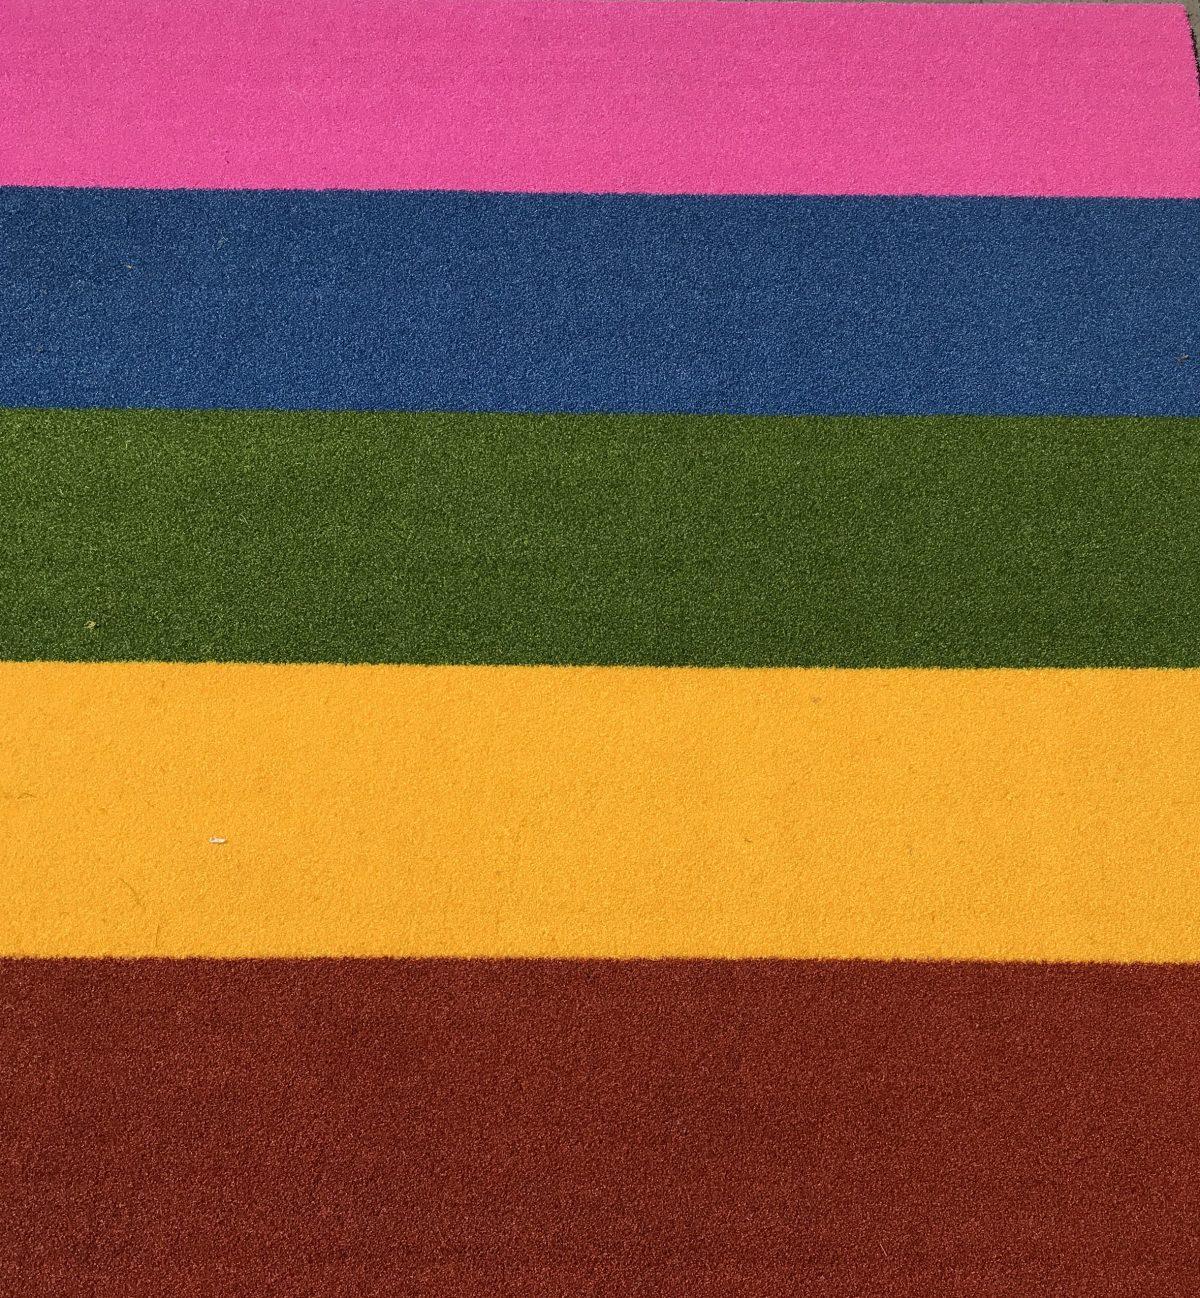 buitentapijt-terra/geel/groen/blauw/roze